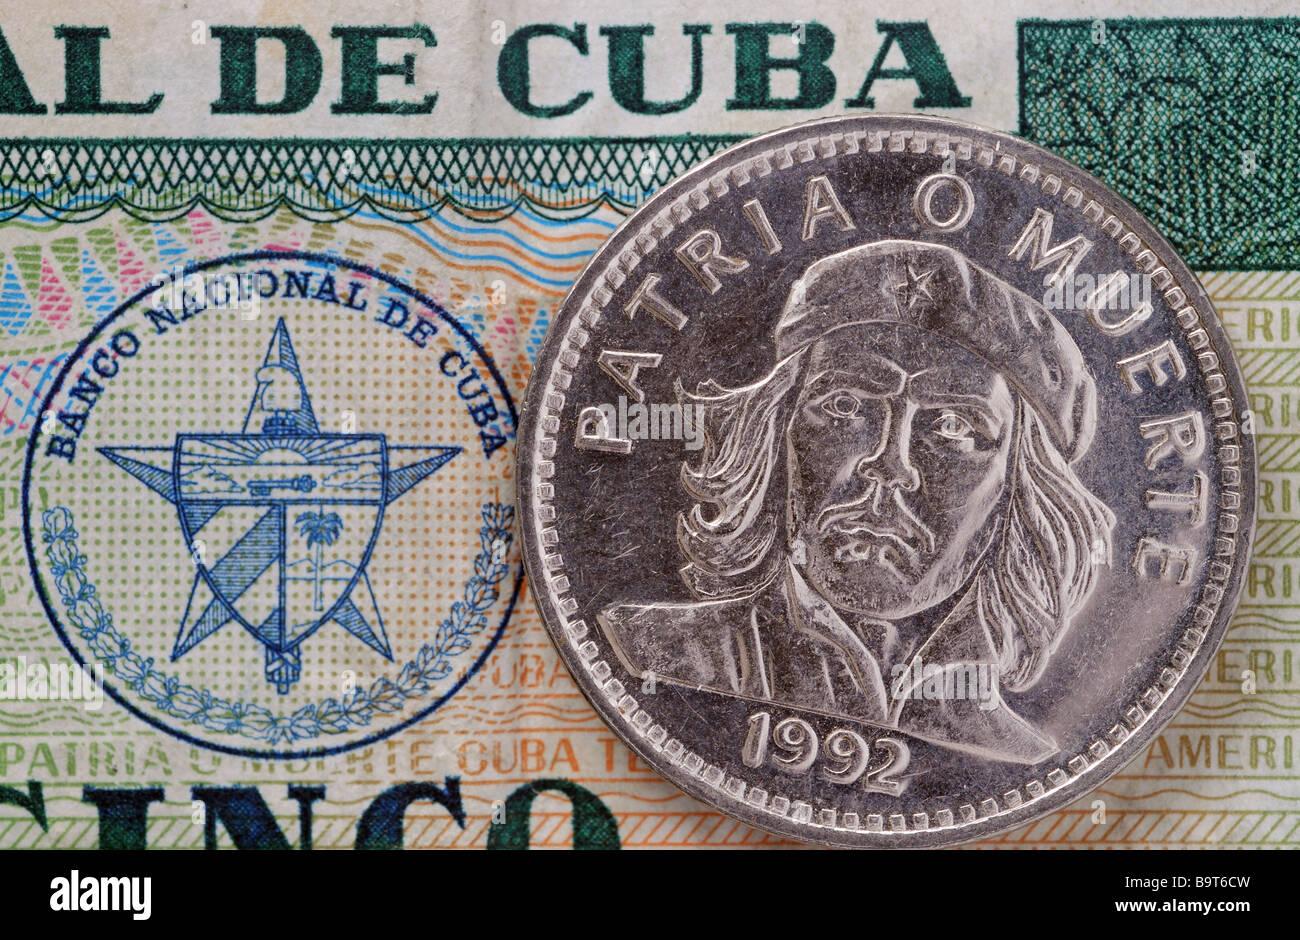 Eine kubanische Münze mit dem Porträt von Che Guevara Stockbild